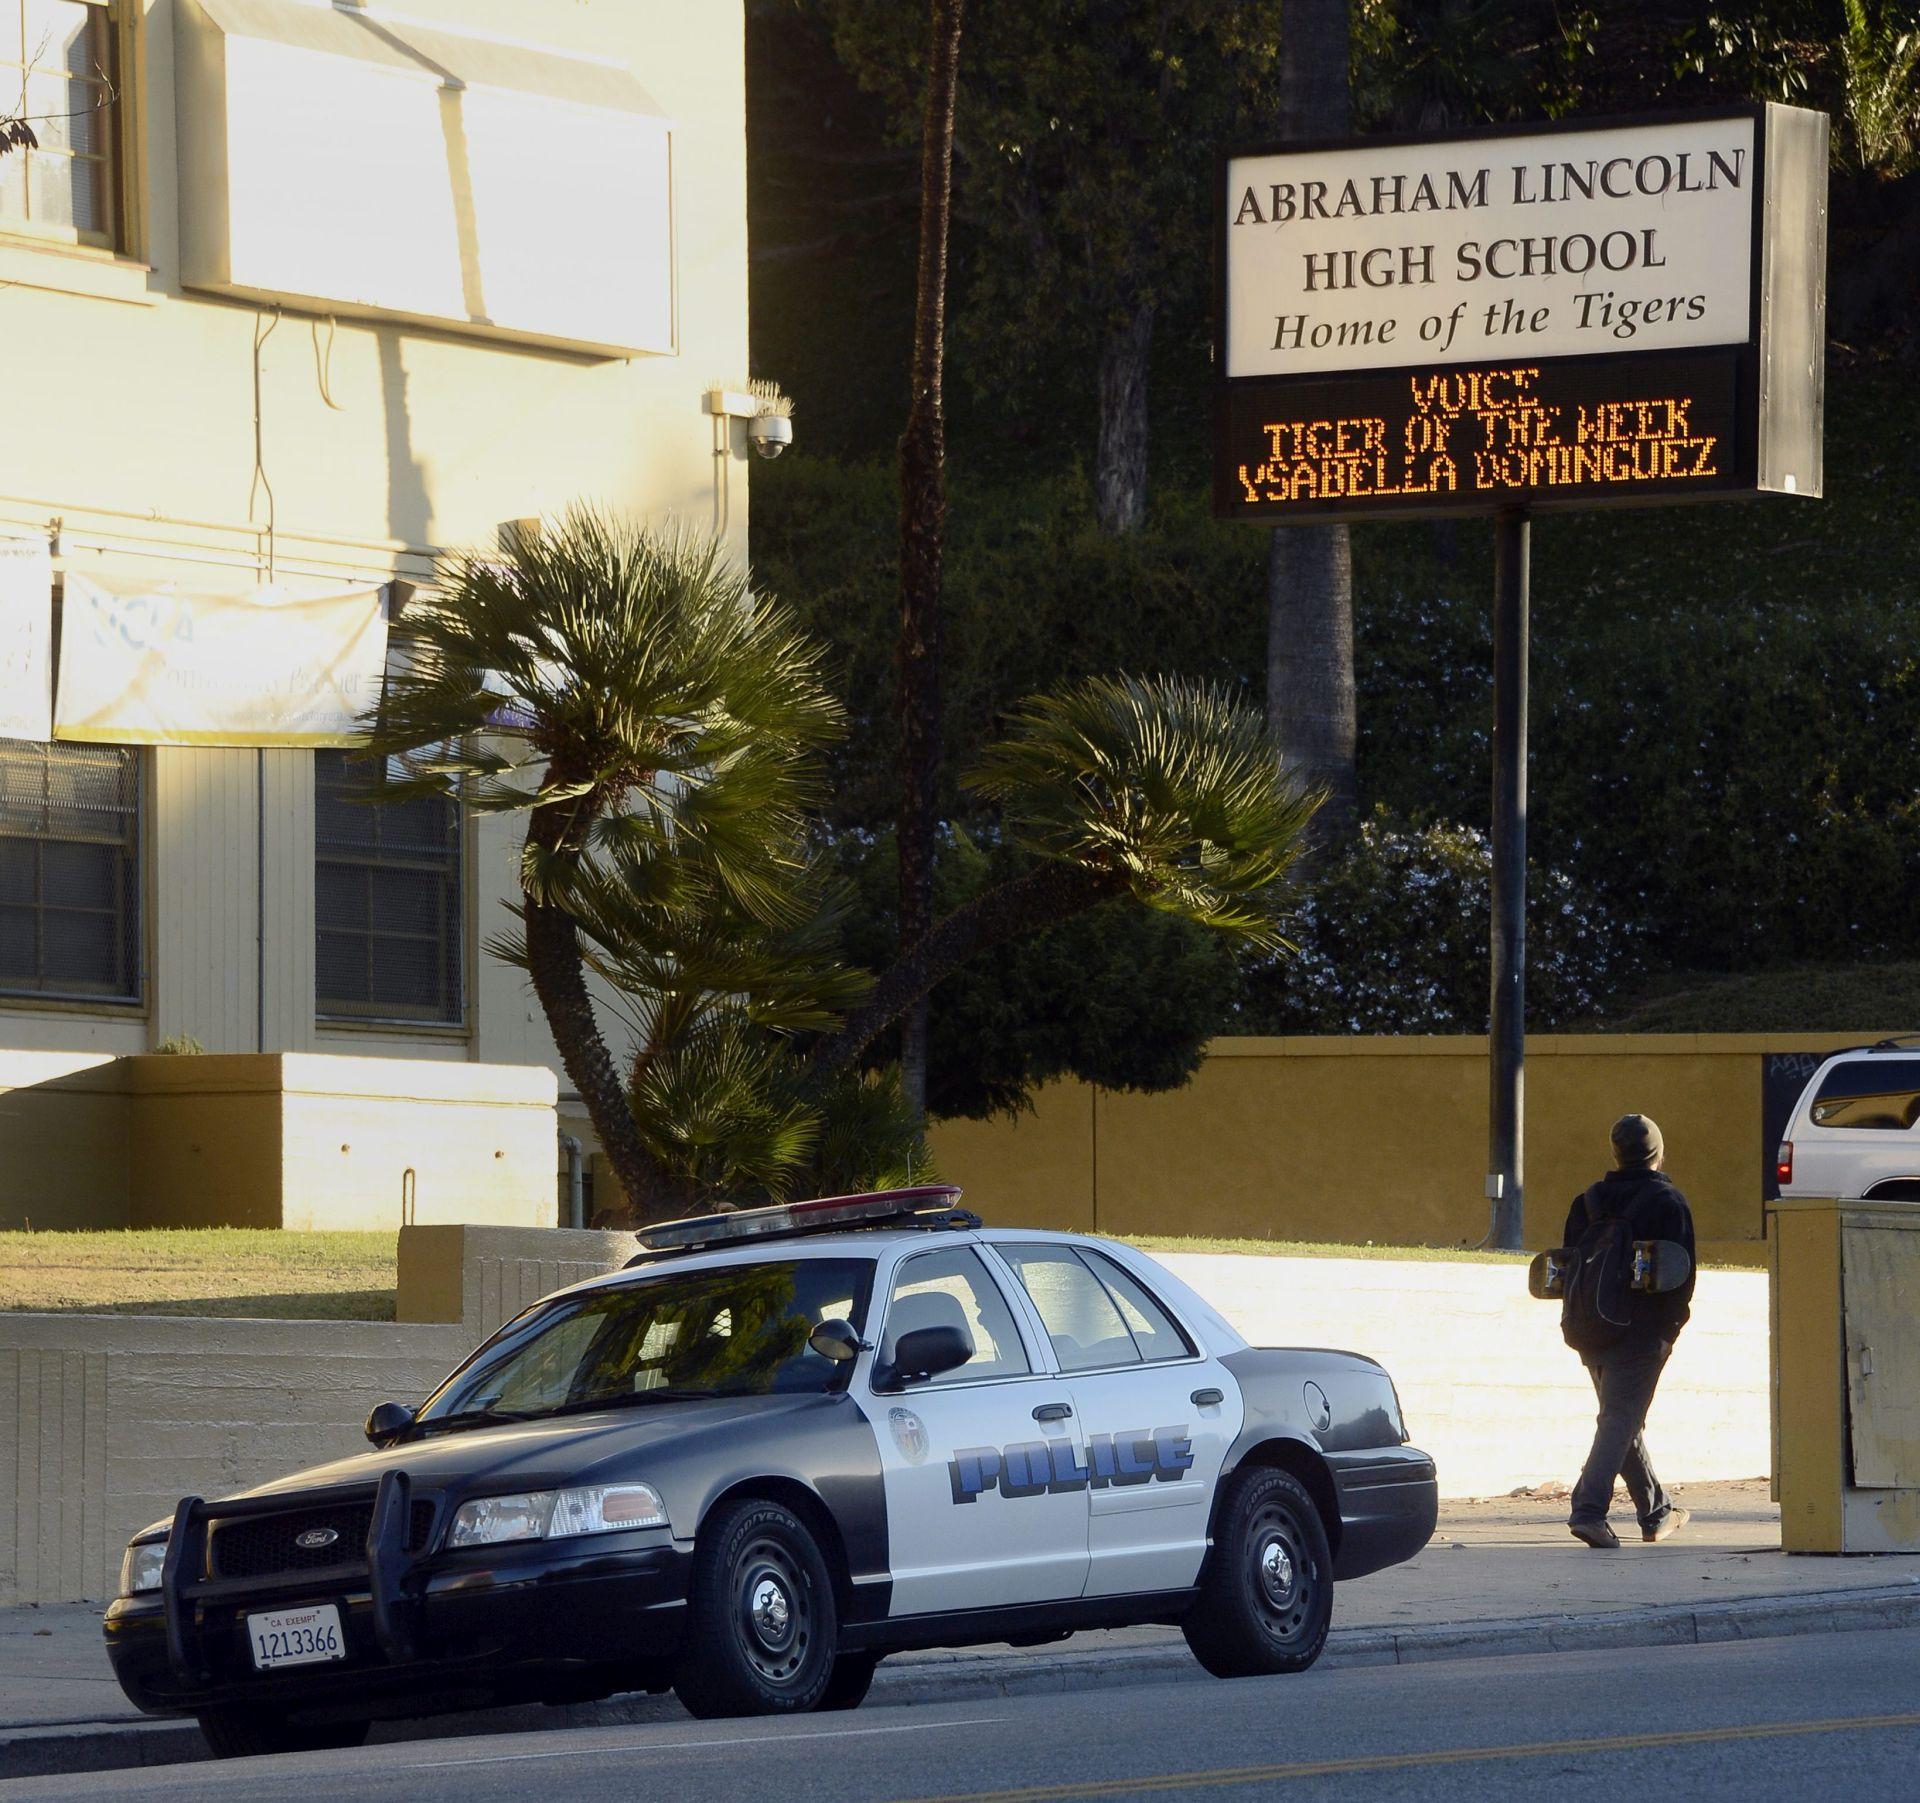 PRETJERANA REAKCIJA: Prijetnja u Los Angelesu najvjerojatnije je lažna